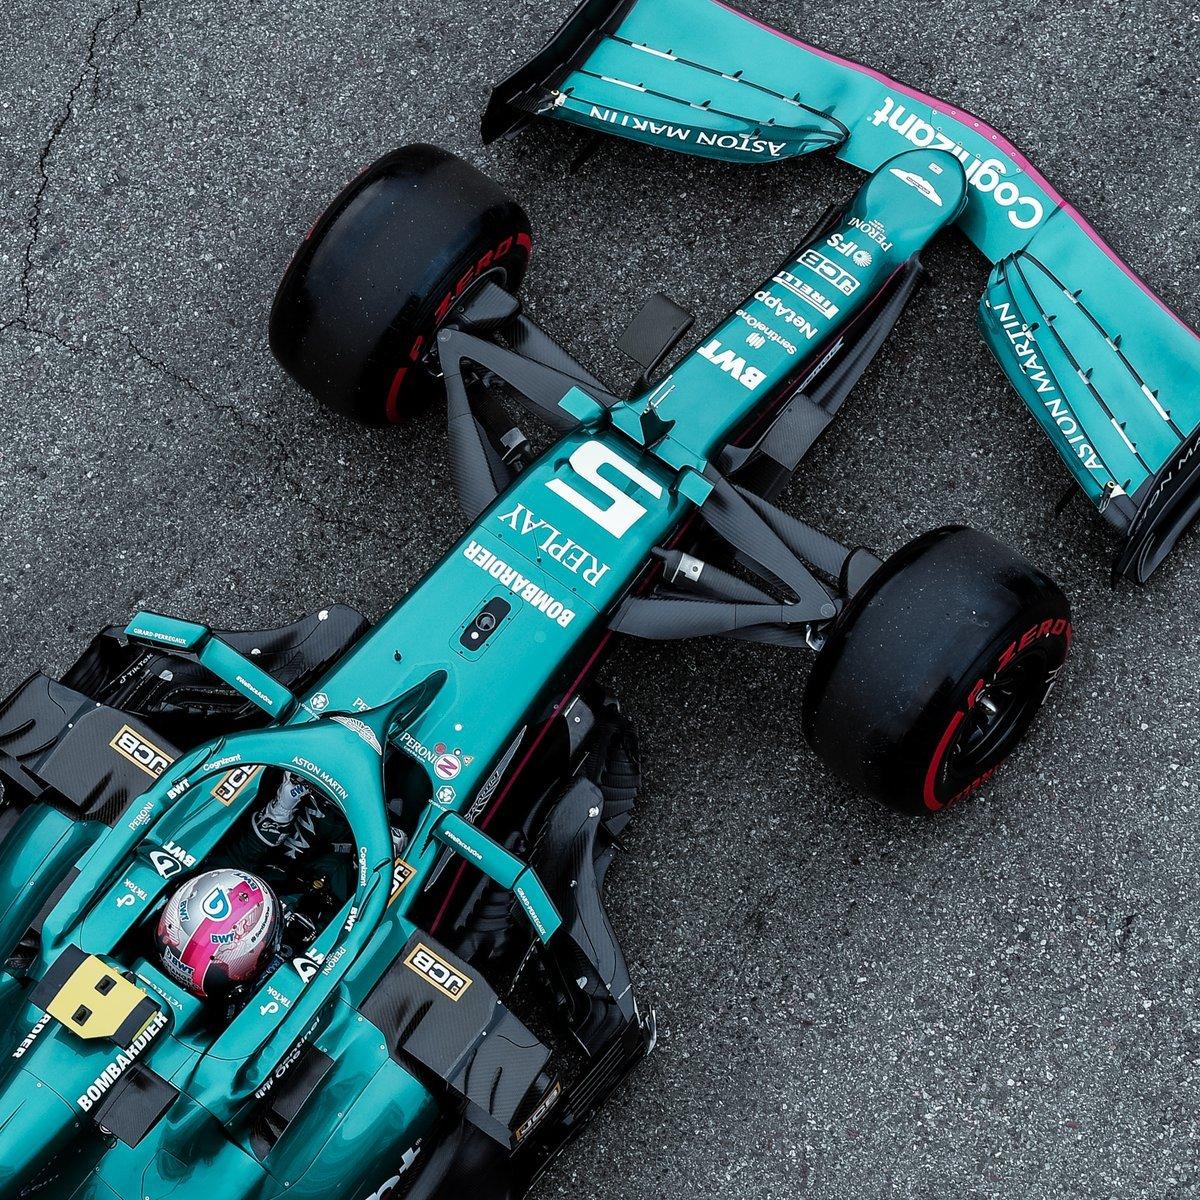 🗣️Ralf Schumacher: 'Budapeşte'de olduğu gibi kazalar olmadıkça Sebastian'ı ilk 10'da çok sık göreceğimizi sanmıyorum. Kesinlikle McLaren ve Ferrari'nin arkasındalar ve hatta AlphaTauri bile önlerinde. Bu yüzden Vettel için zor bir yıl sonu olacak.'  (Sky Germany)